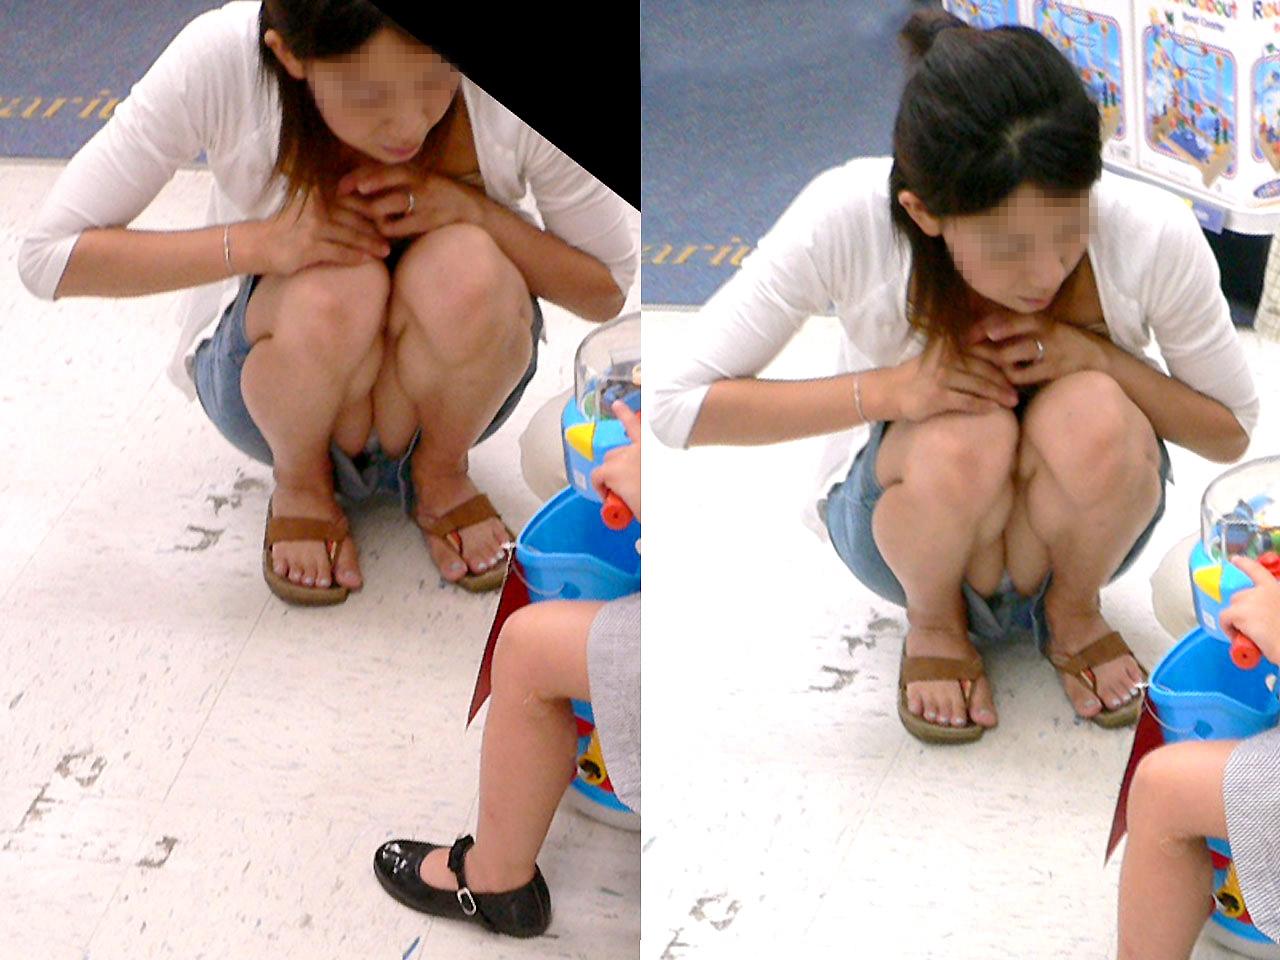 【ママチラエロ画像】見せやすいから激熱!街角ママさんの丸見えパンツ(*´Д`)